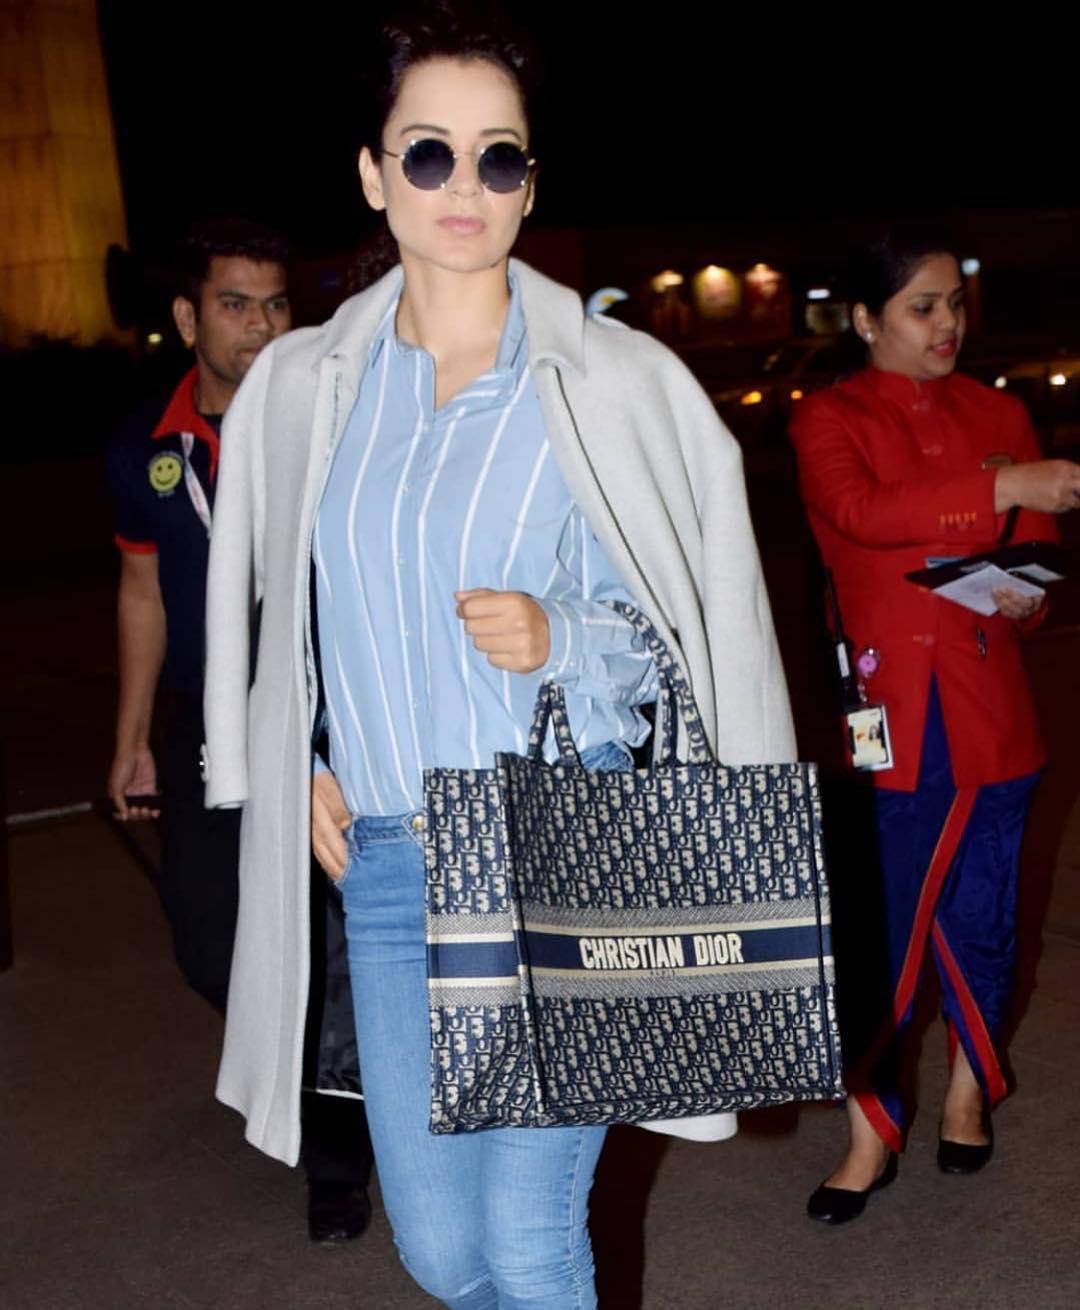 यावेळी तिच्या हातात एक बॅग आहे. खिश्चियन डायर ब्रॅण्डच्या या बॅगची किंमत वाचून तुम्हाला धक्का बसेल यात काही शंका नाही. निळ्या आणि करड्या रंगाच्या या बॅगची किंमत आहे तब्बल २ लाख रुपये.